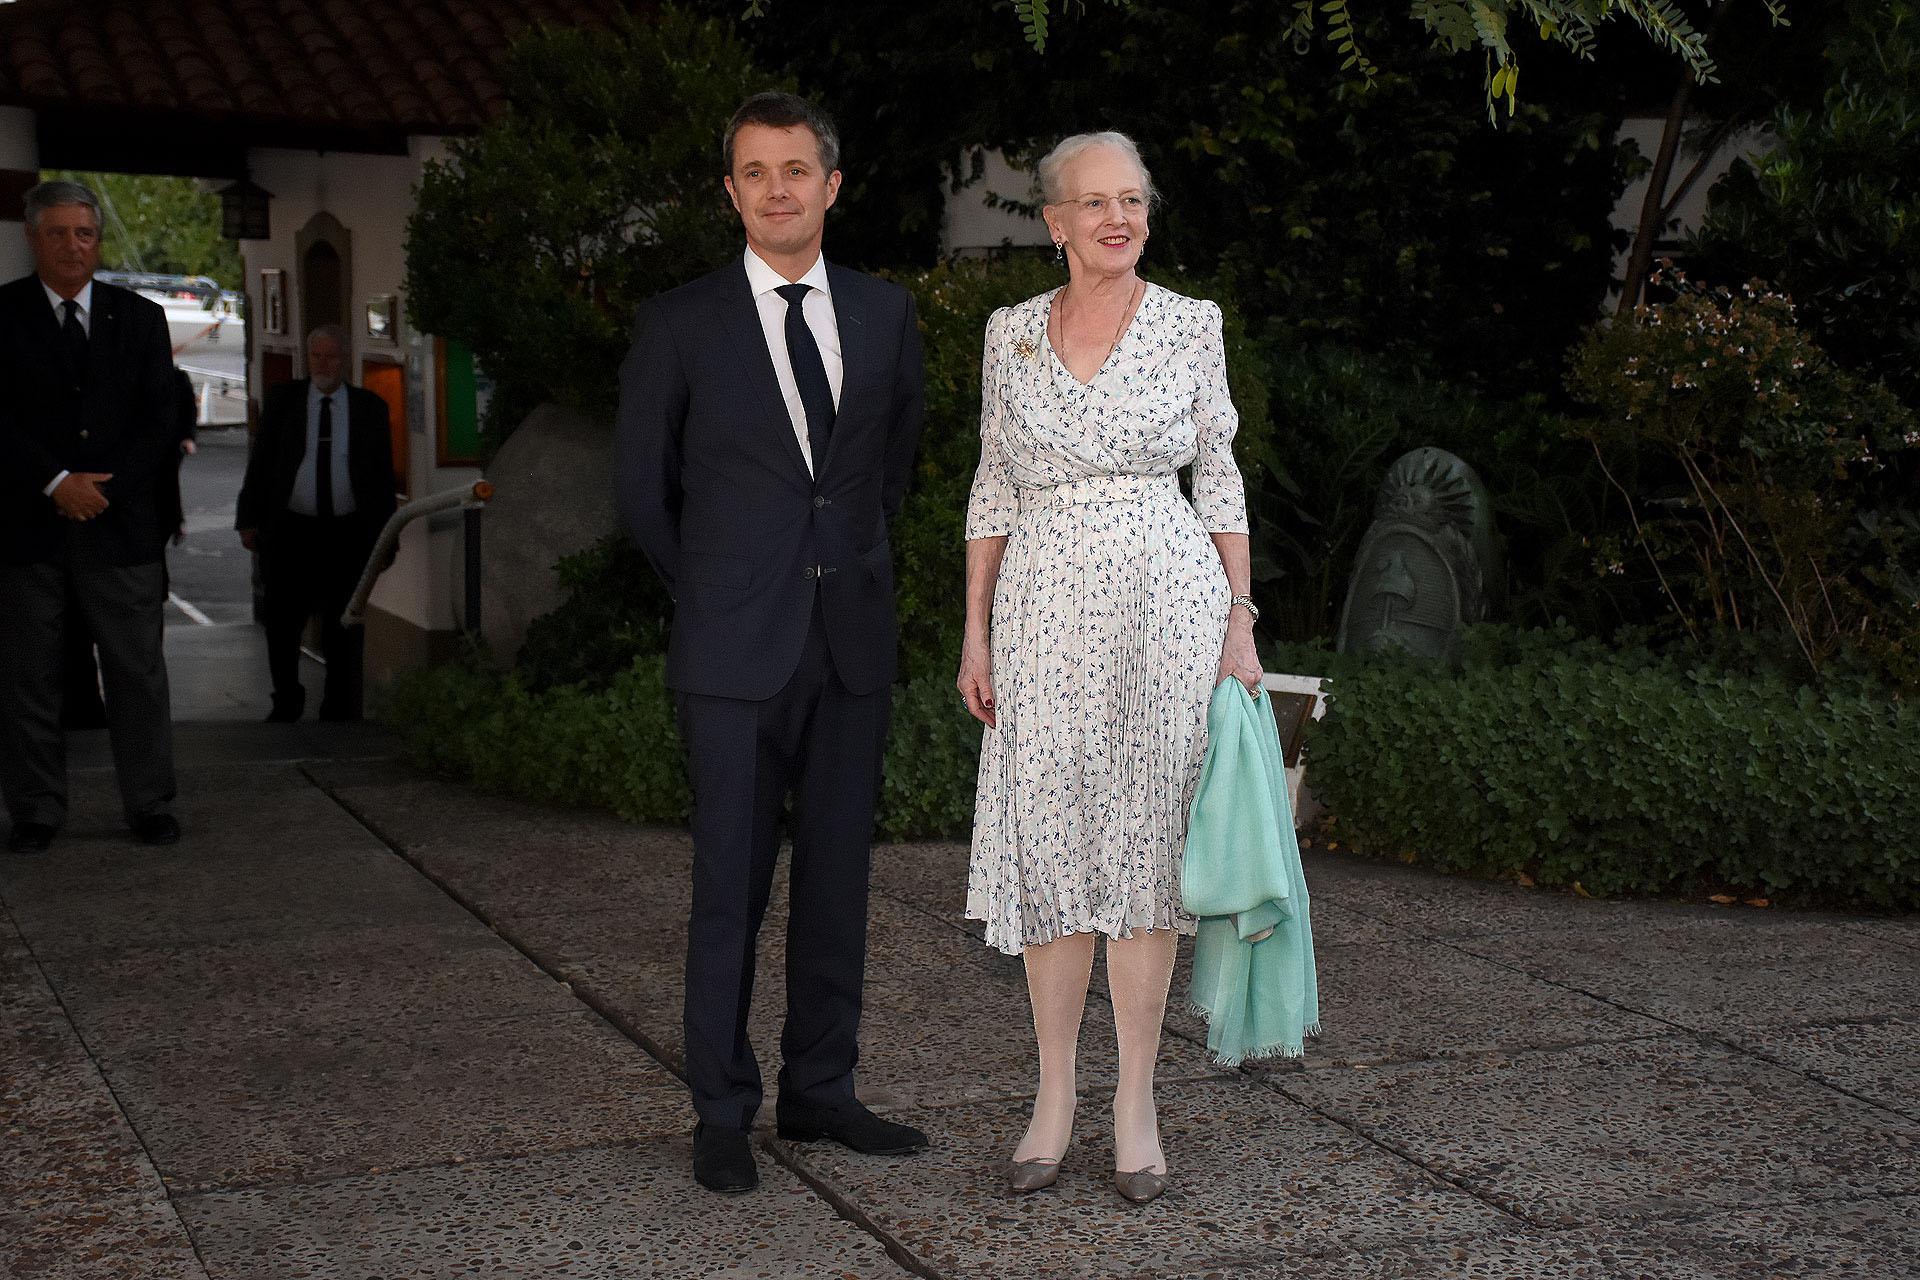 La llegada de la reina Margarita II , junto a su hijo mayor, el príncipe heredero Federico, al evento en el Yacht Club de Buenos Aires organizado por el embajador de Dinamarca en Argentina para la delegación comercial